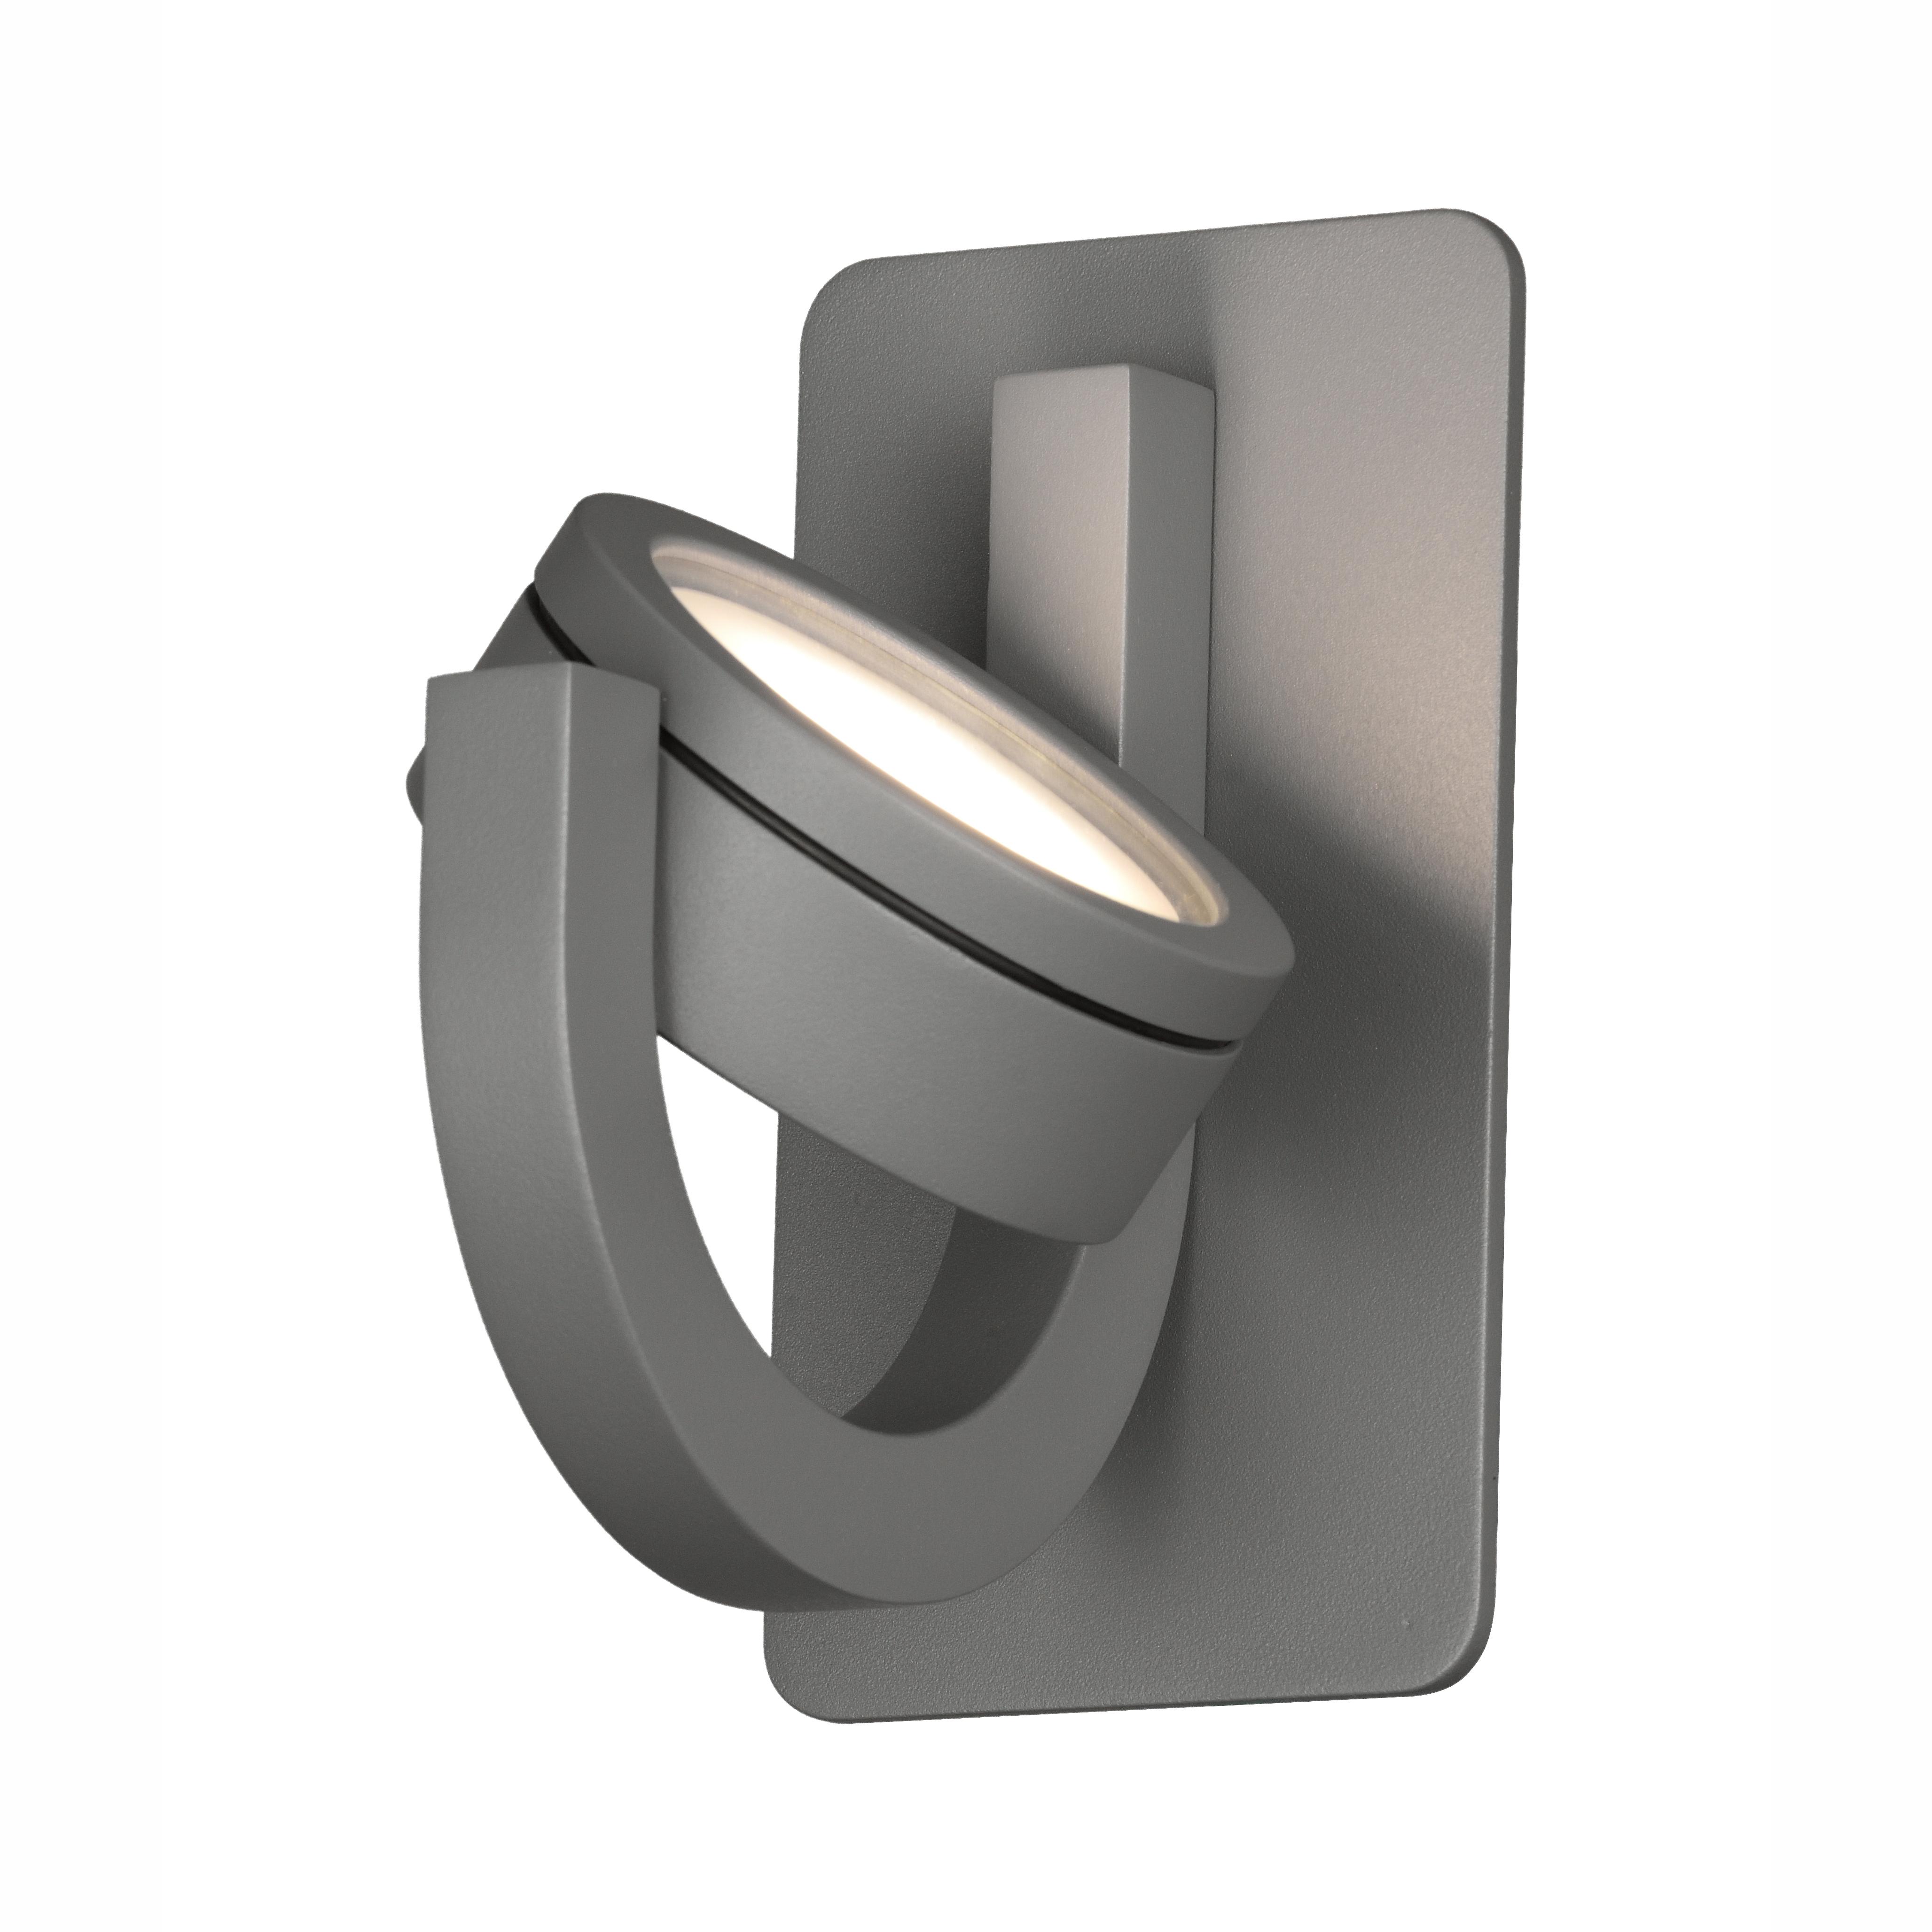 Настенный светильник с регулировкой направления света Mantra Iguazu 6558, IP54, серый, металл, стекло - фото 5